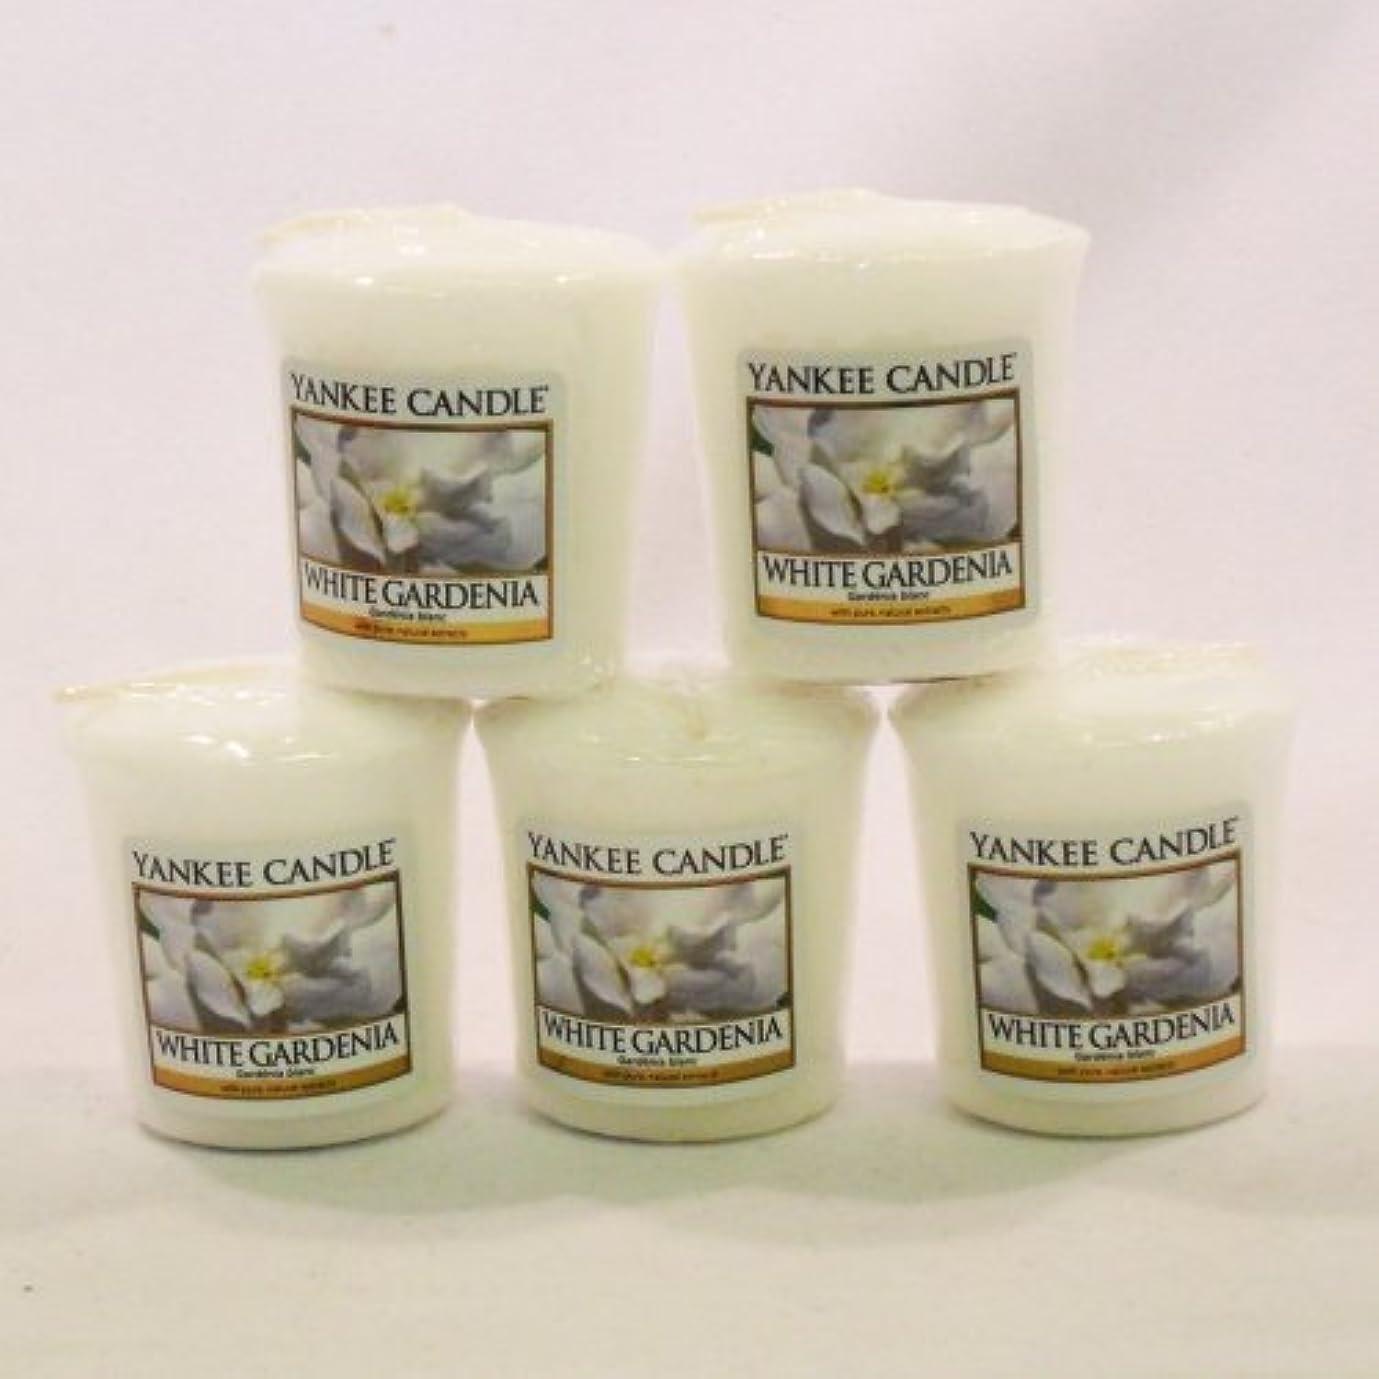 の配列デッキ路面電車Yankee Candleサンプラーvotives-yankee Candle – 5 xホワイトGardenia Votive Samplers – 新しい香りfor 2012 。